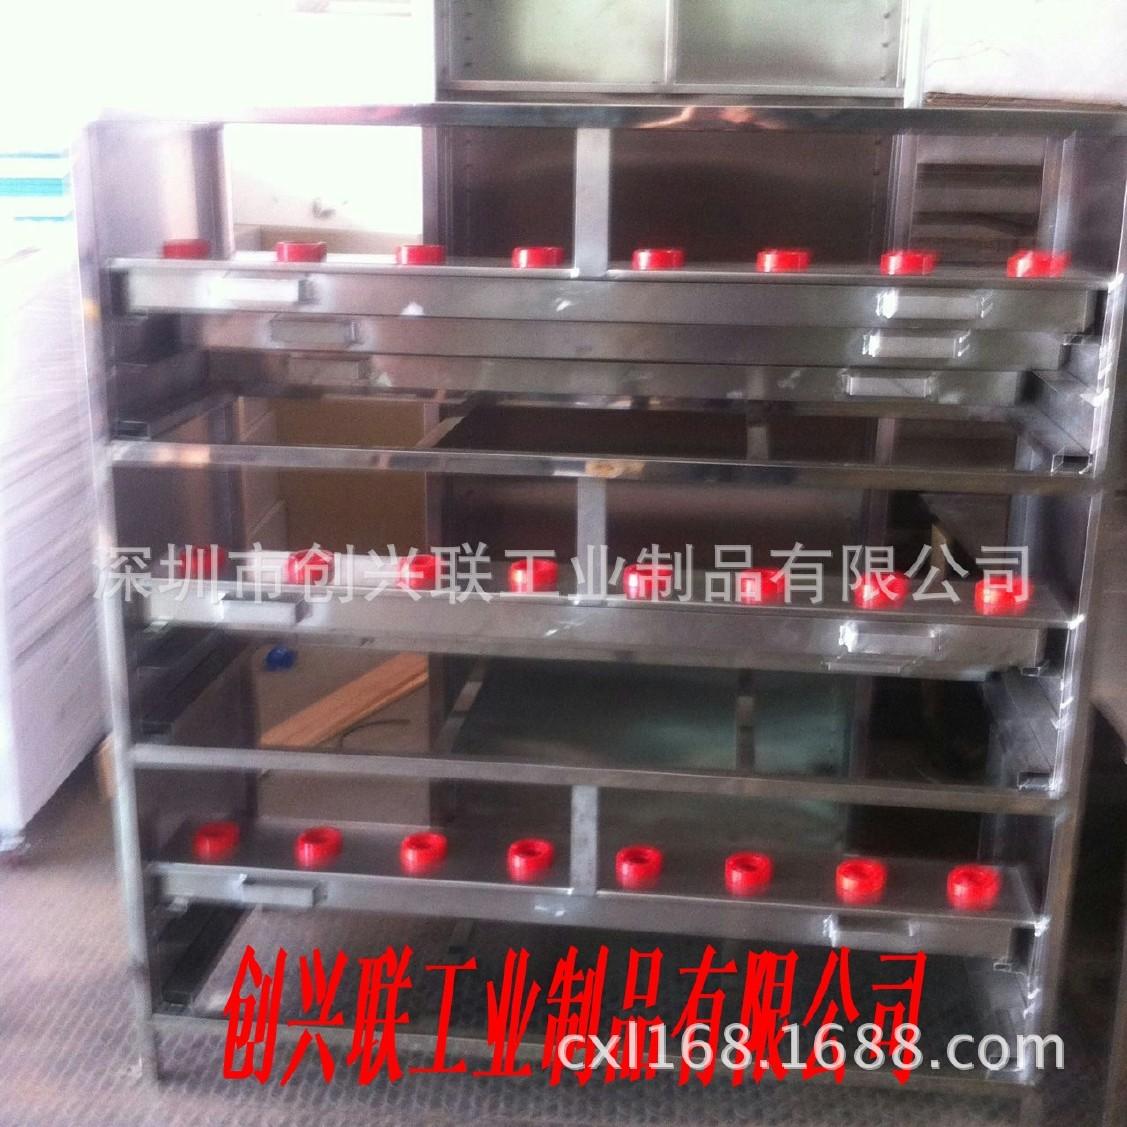 厂家专业生产惠州刀具柜 河源刀具柜 广东刀具柜 惠阳刀具图片